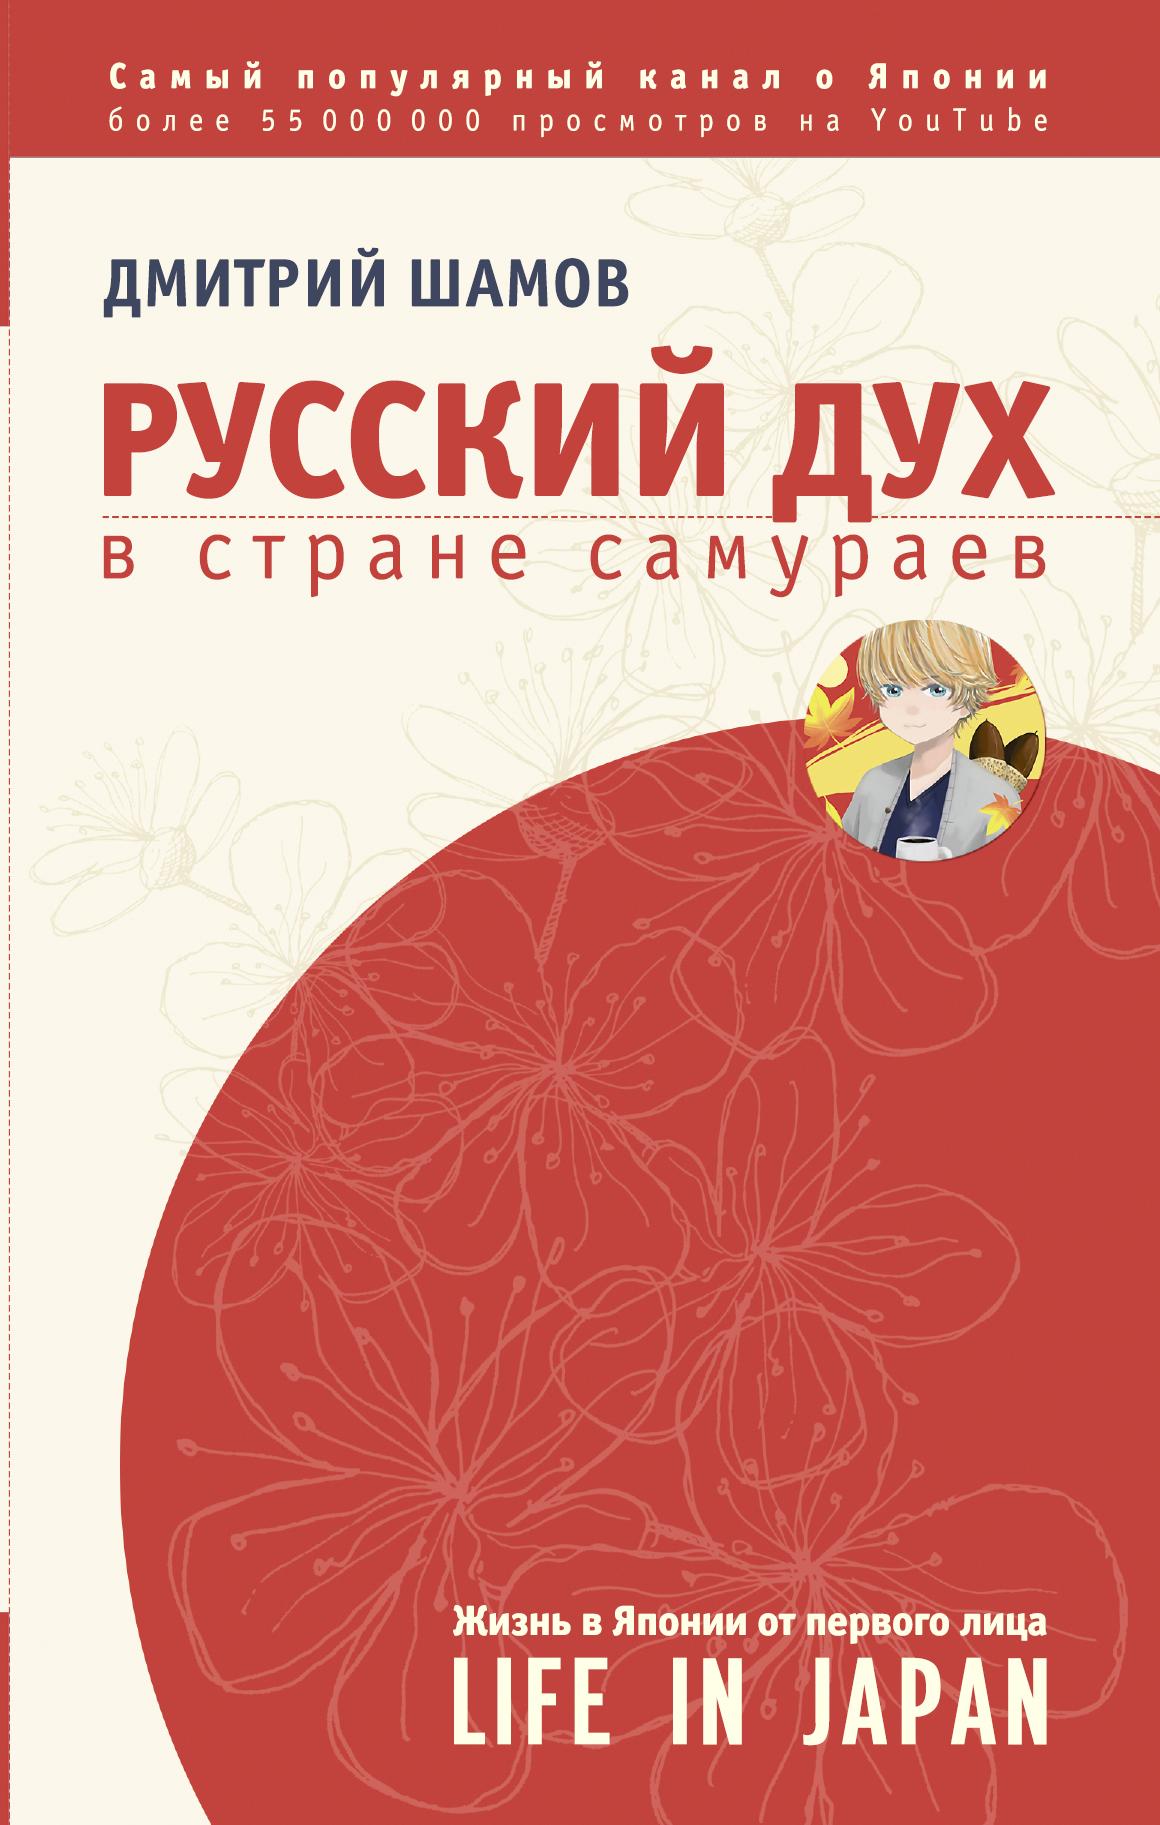 Русский дух в стране самураев: жизнь в Японии от первого лица ( Шамов Д.Э.  )